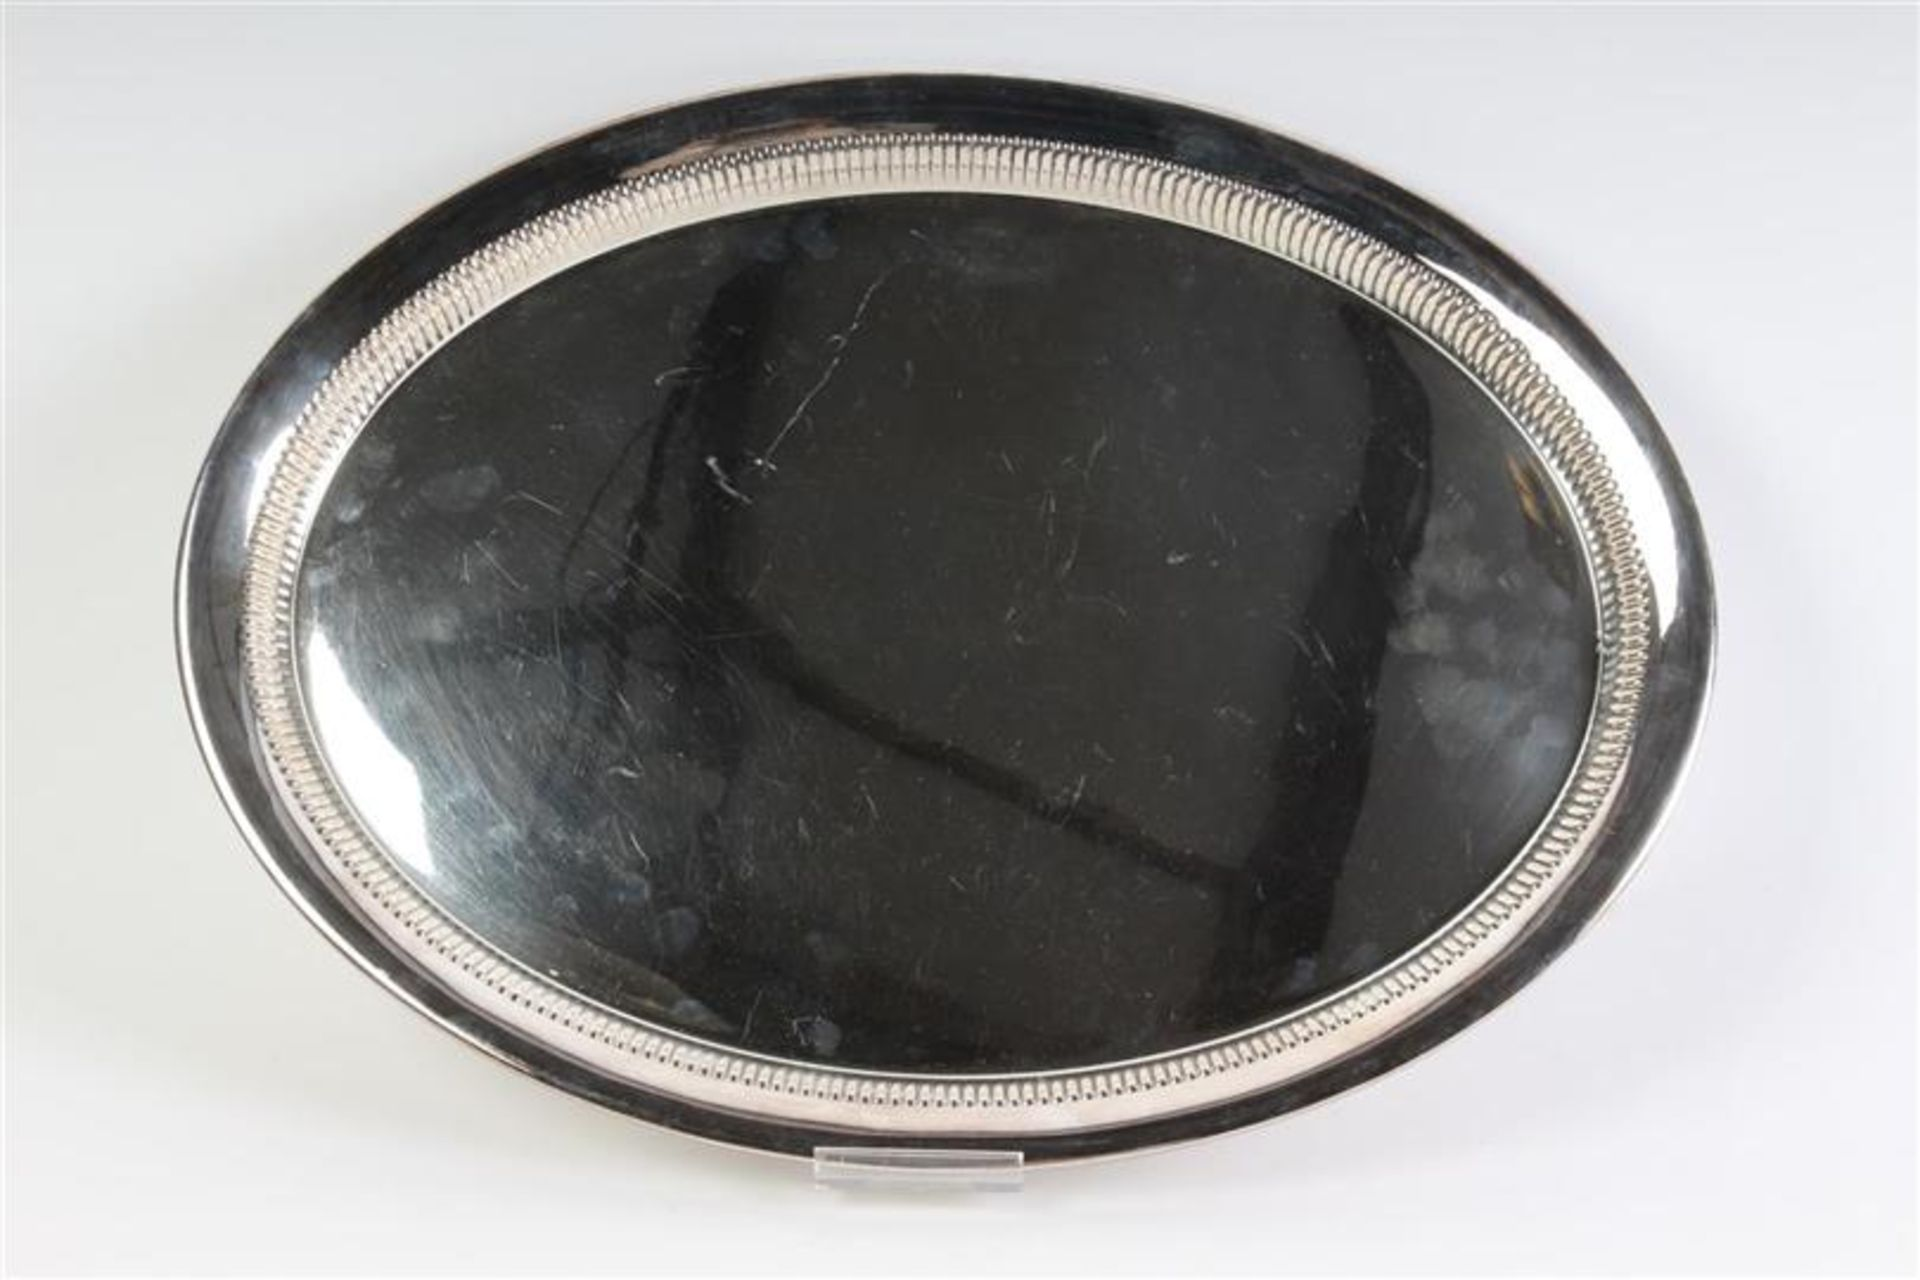 Los 42 - Zilveren dienblad ovaal model deels bewerkt met godrons, met bijpassendekoffie- en theepot, 1e